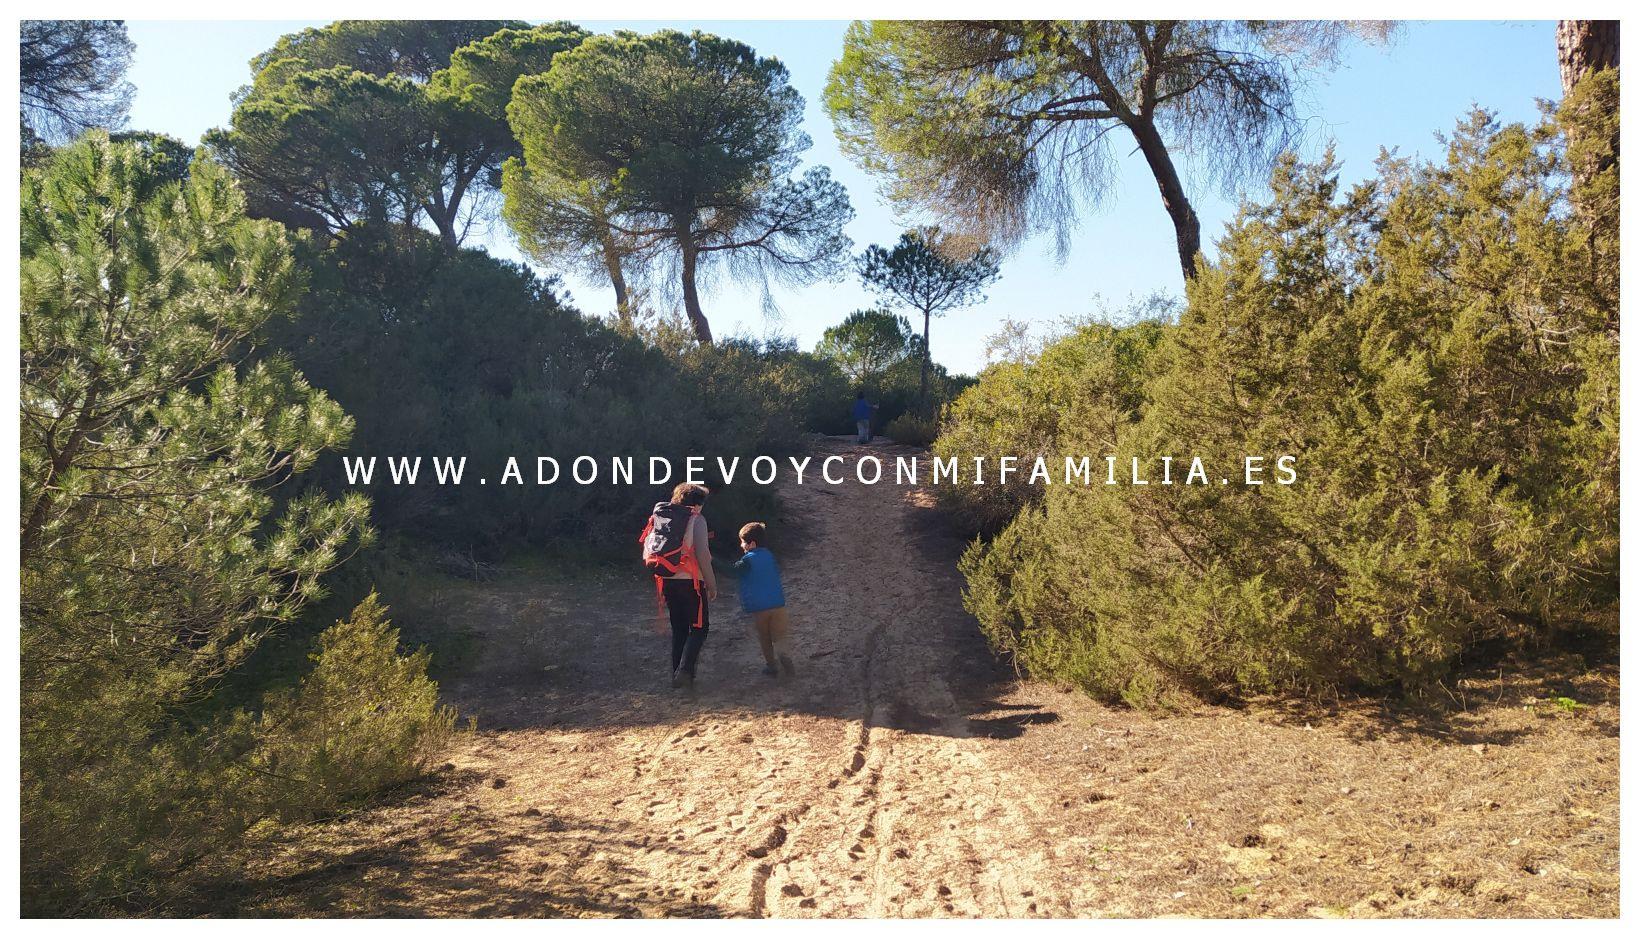 sendero-cerro-del-aguila-pinar-de-la-algaida-sanlucar-adondevoyconmifamilia-43